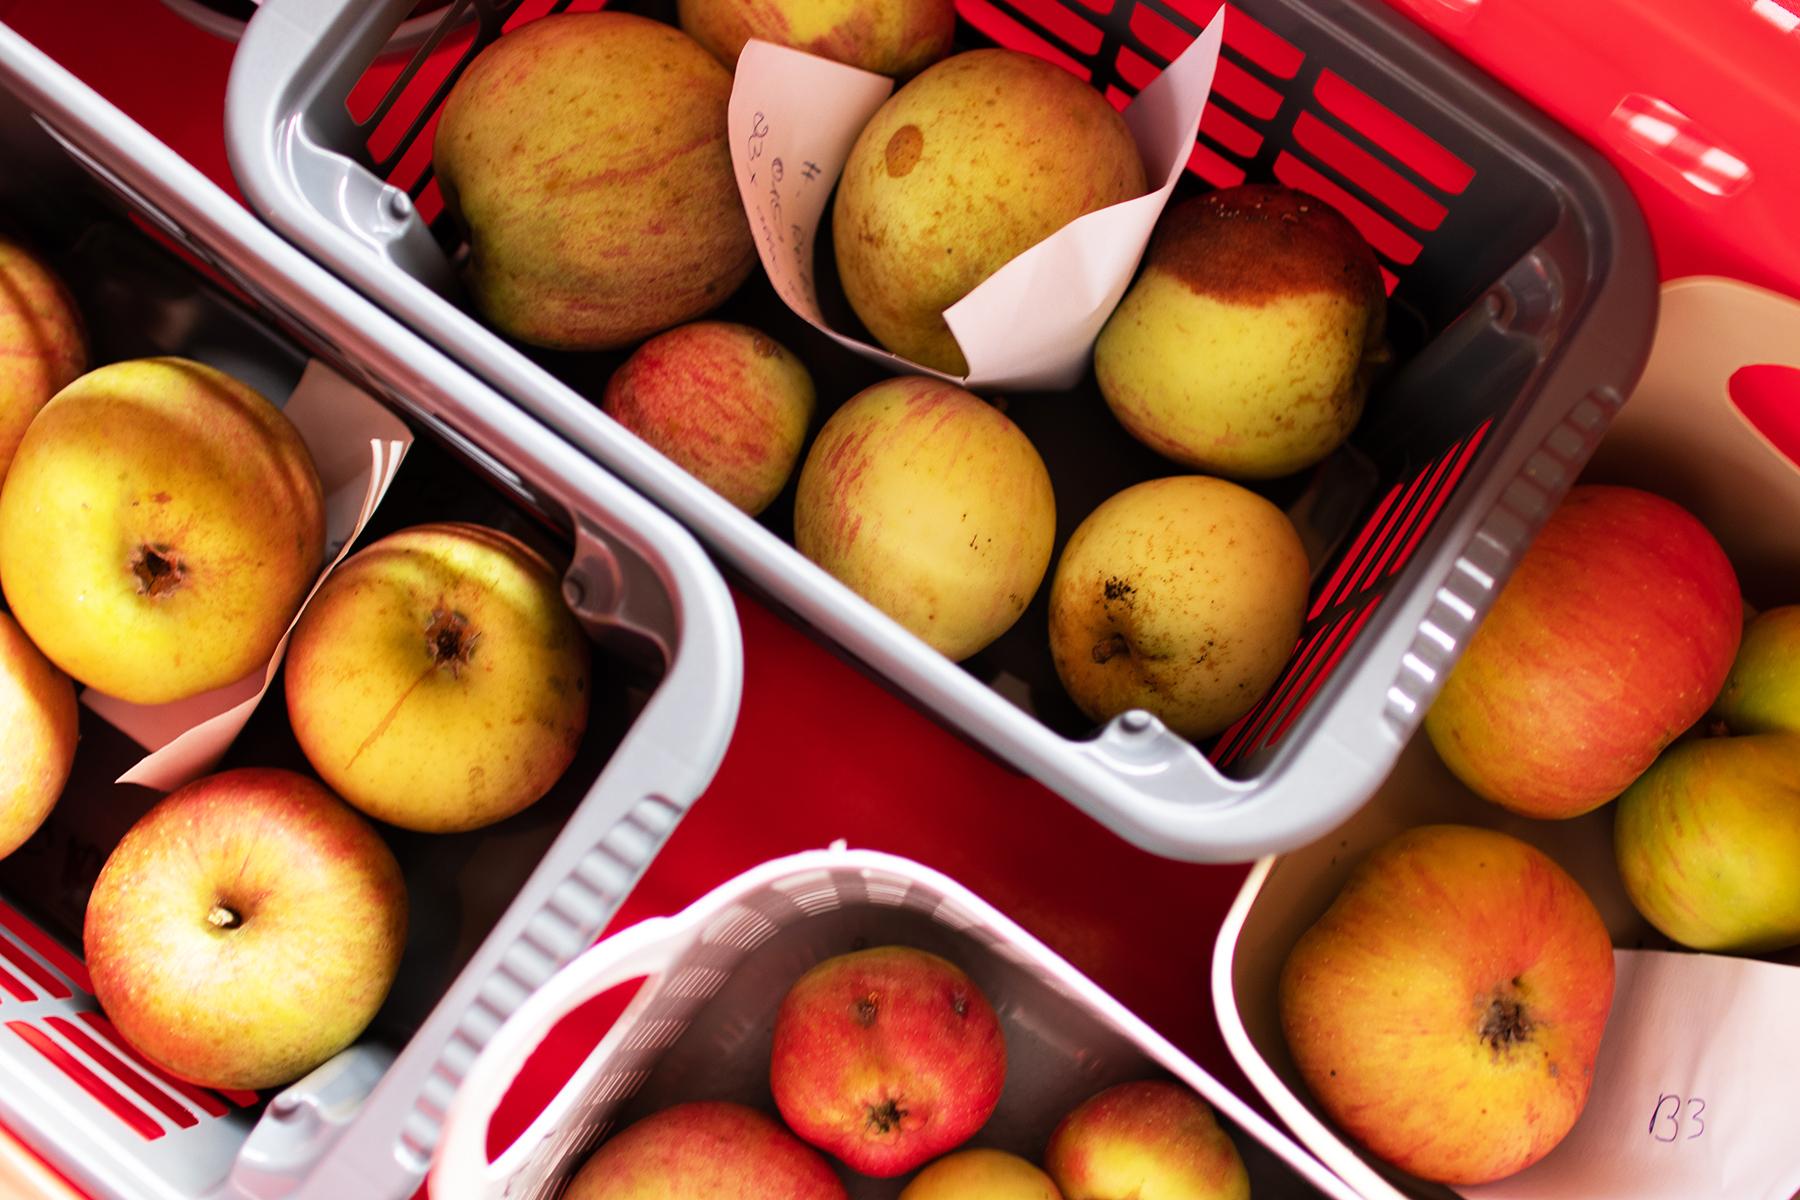 Äpfel warten darauf bestimmt zu werden